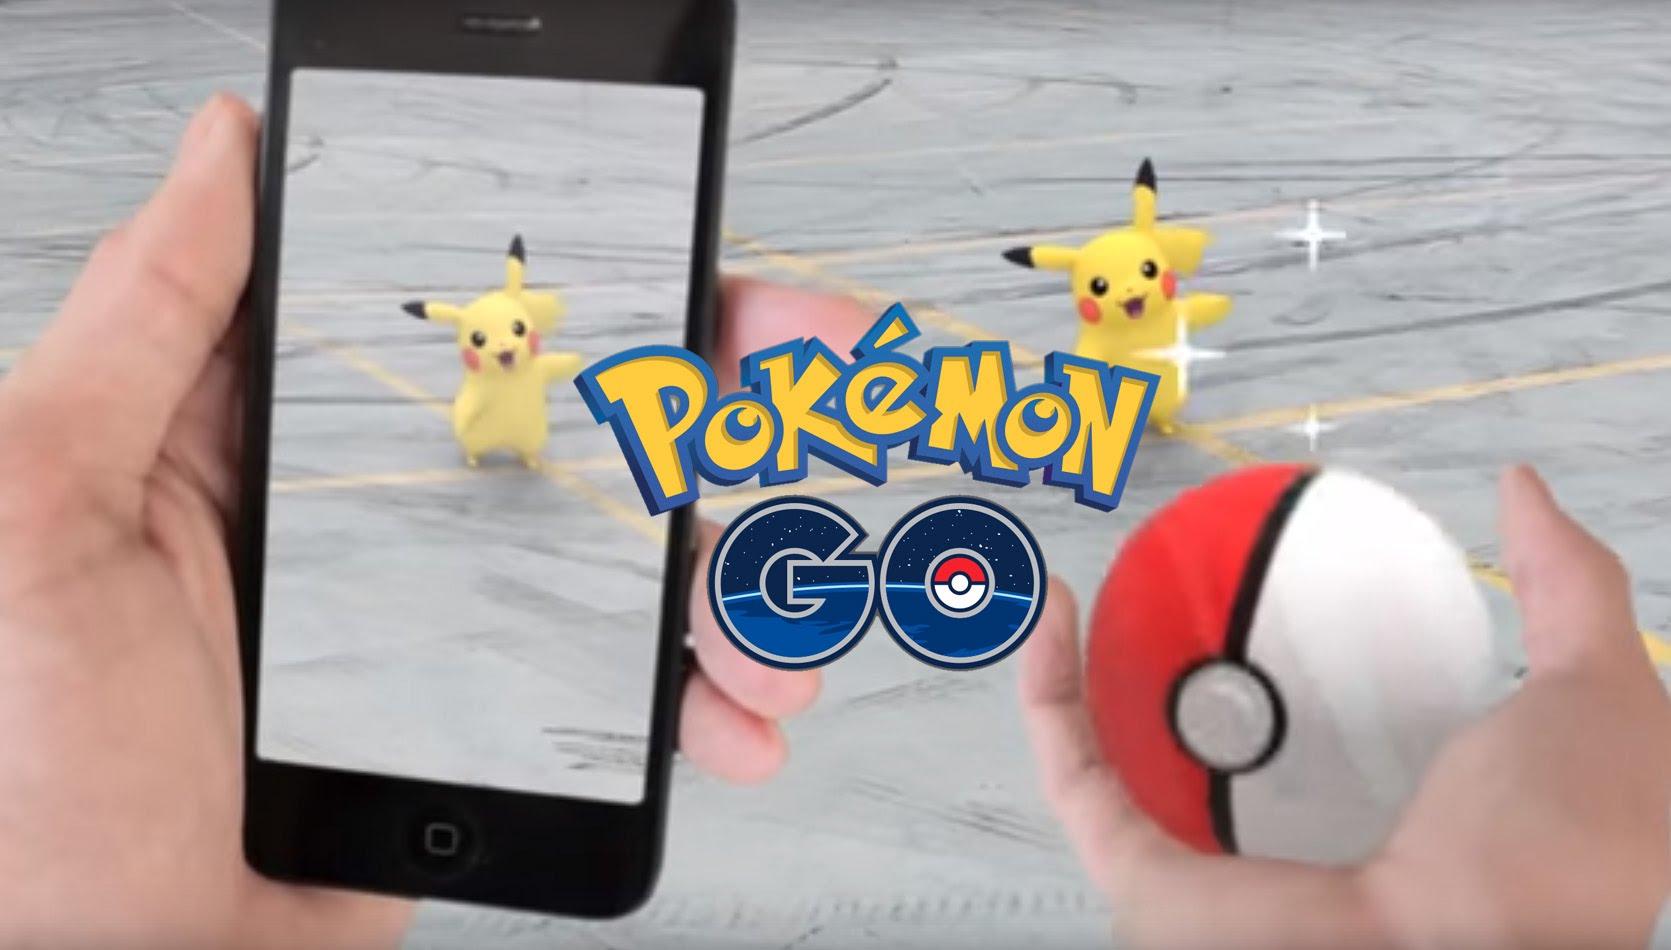 Pokémon GO, ¿por qué ahora?